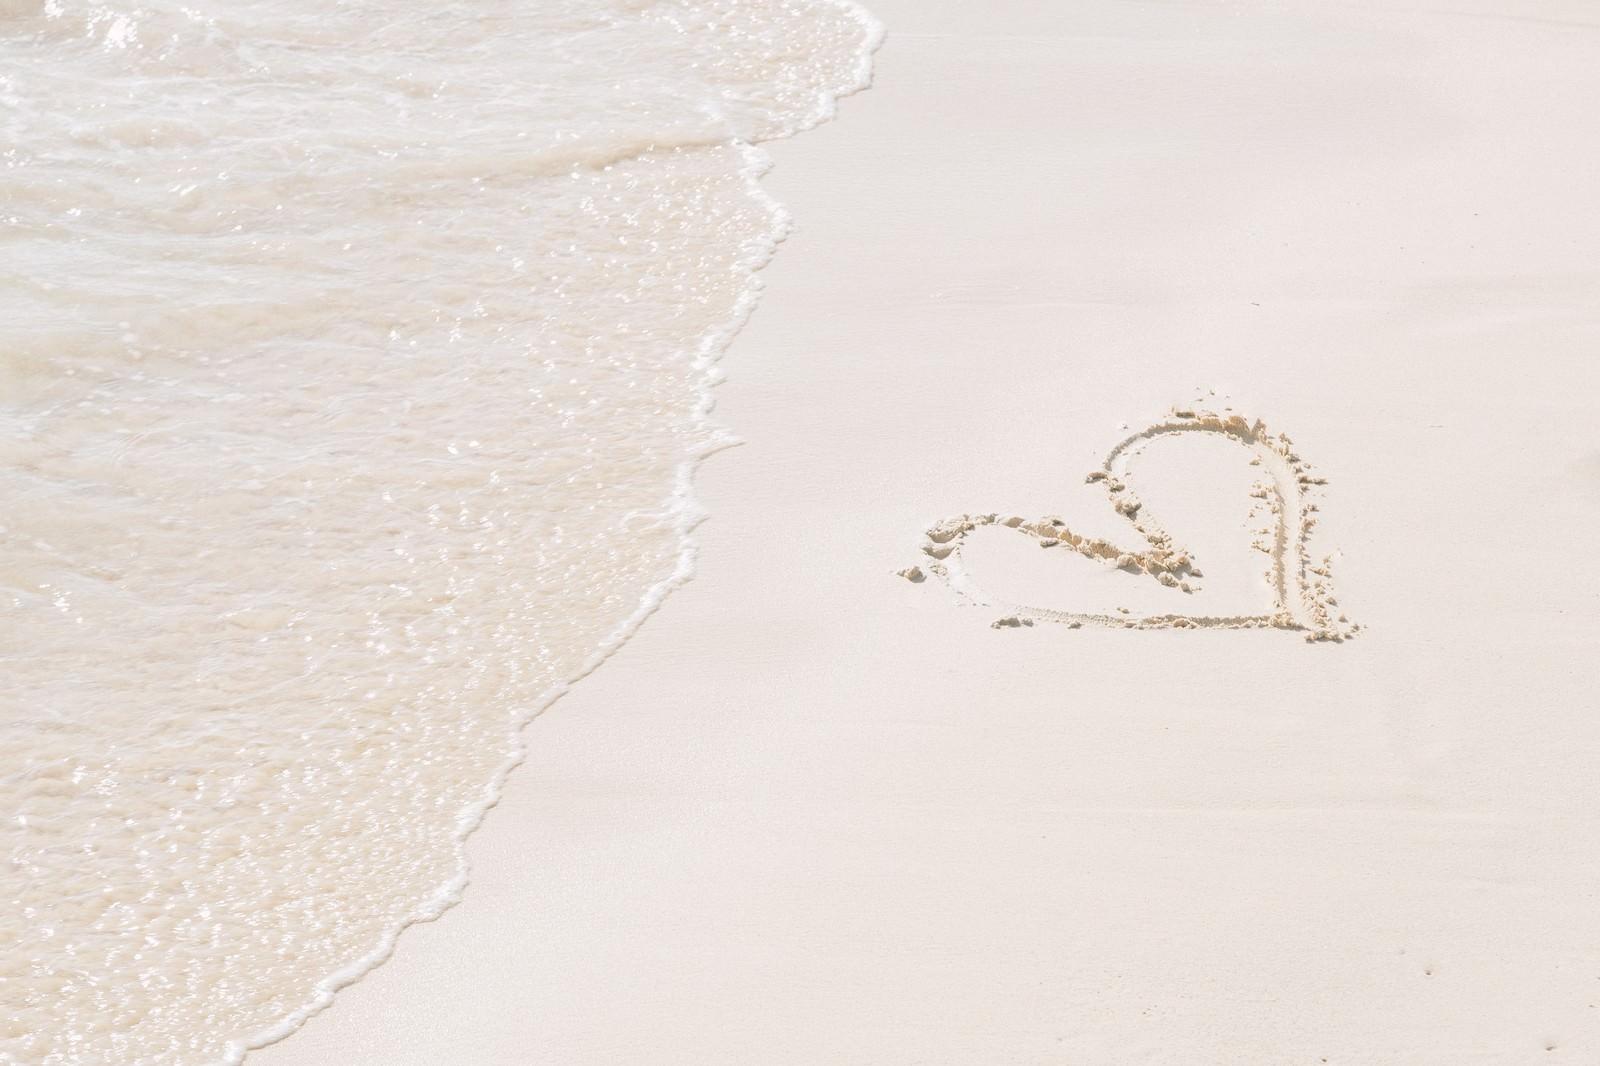 「ハートが描かれた砂浜と波」の写真